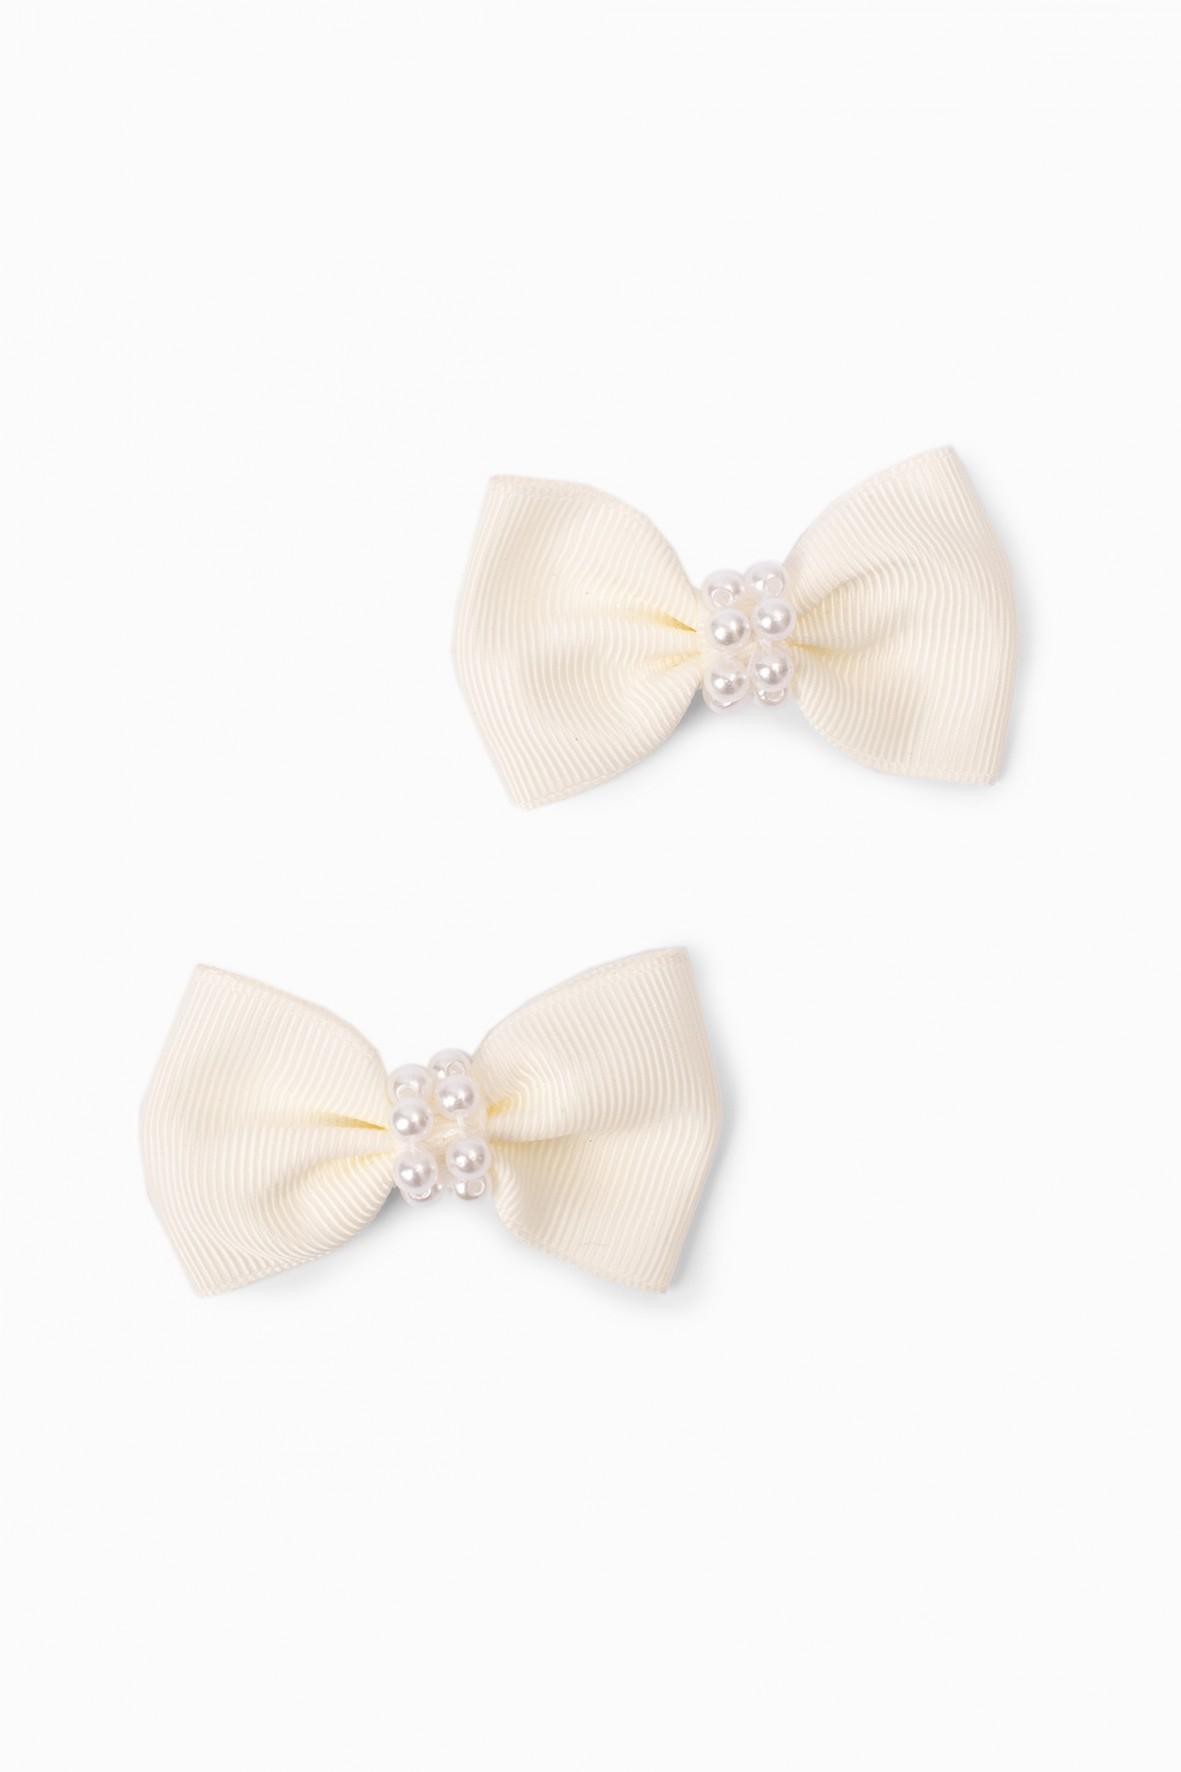 Spinki do włosów dla dziewczynki w kształcie kokardek z koralikami - białe